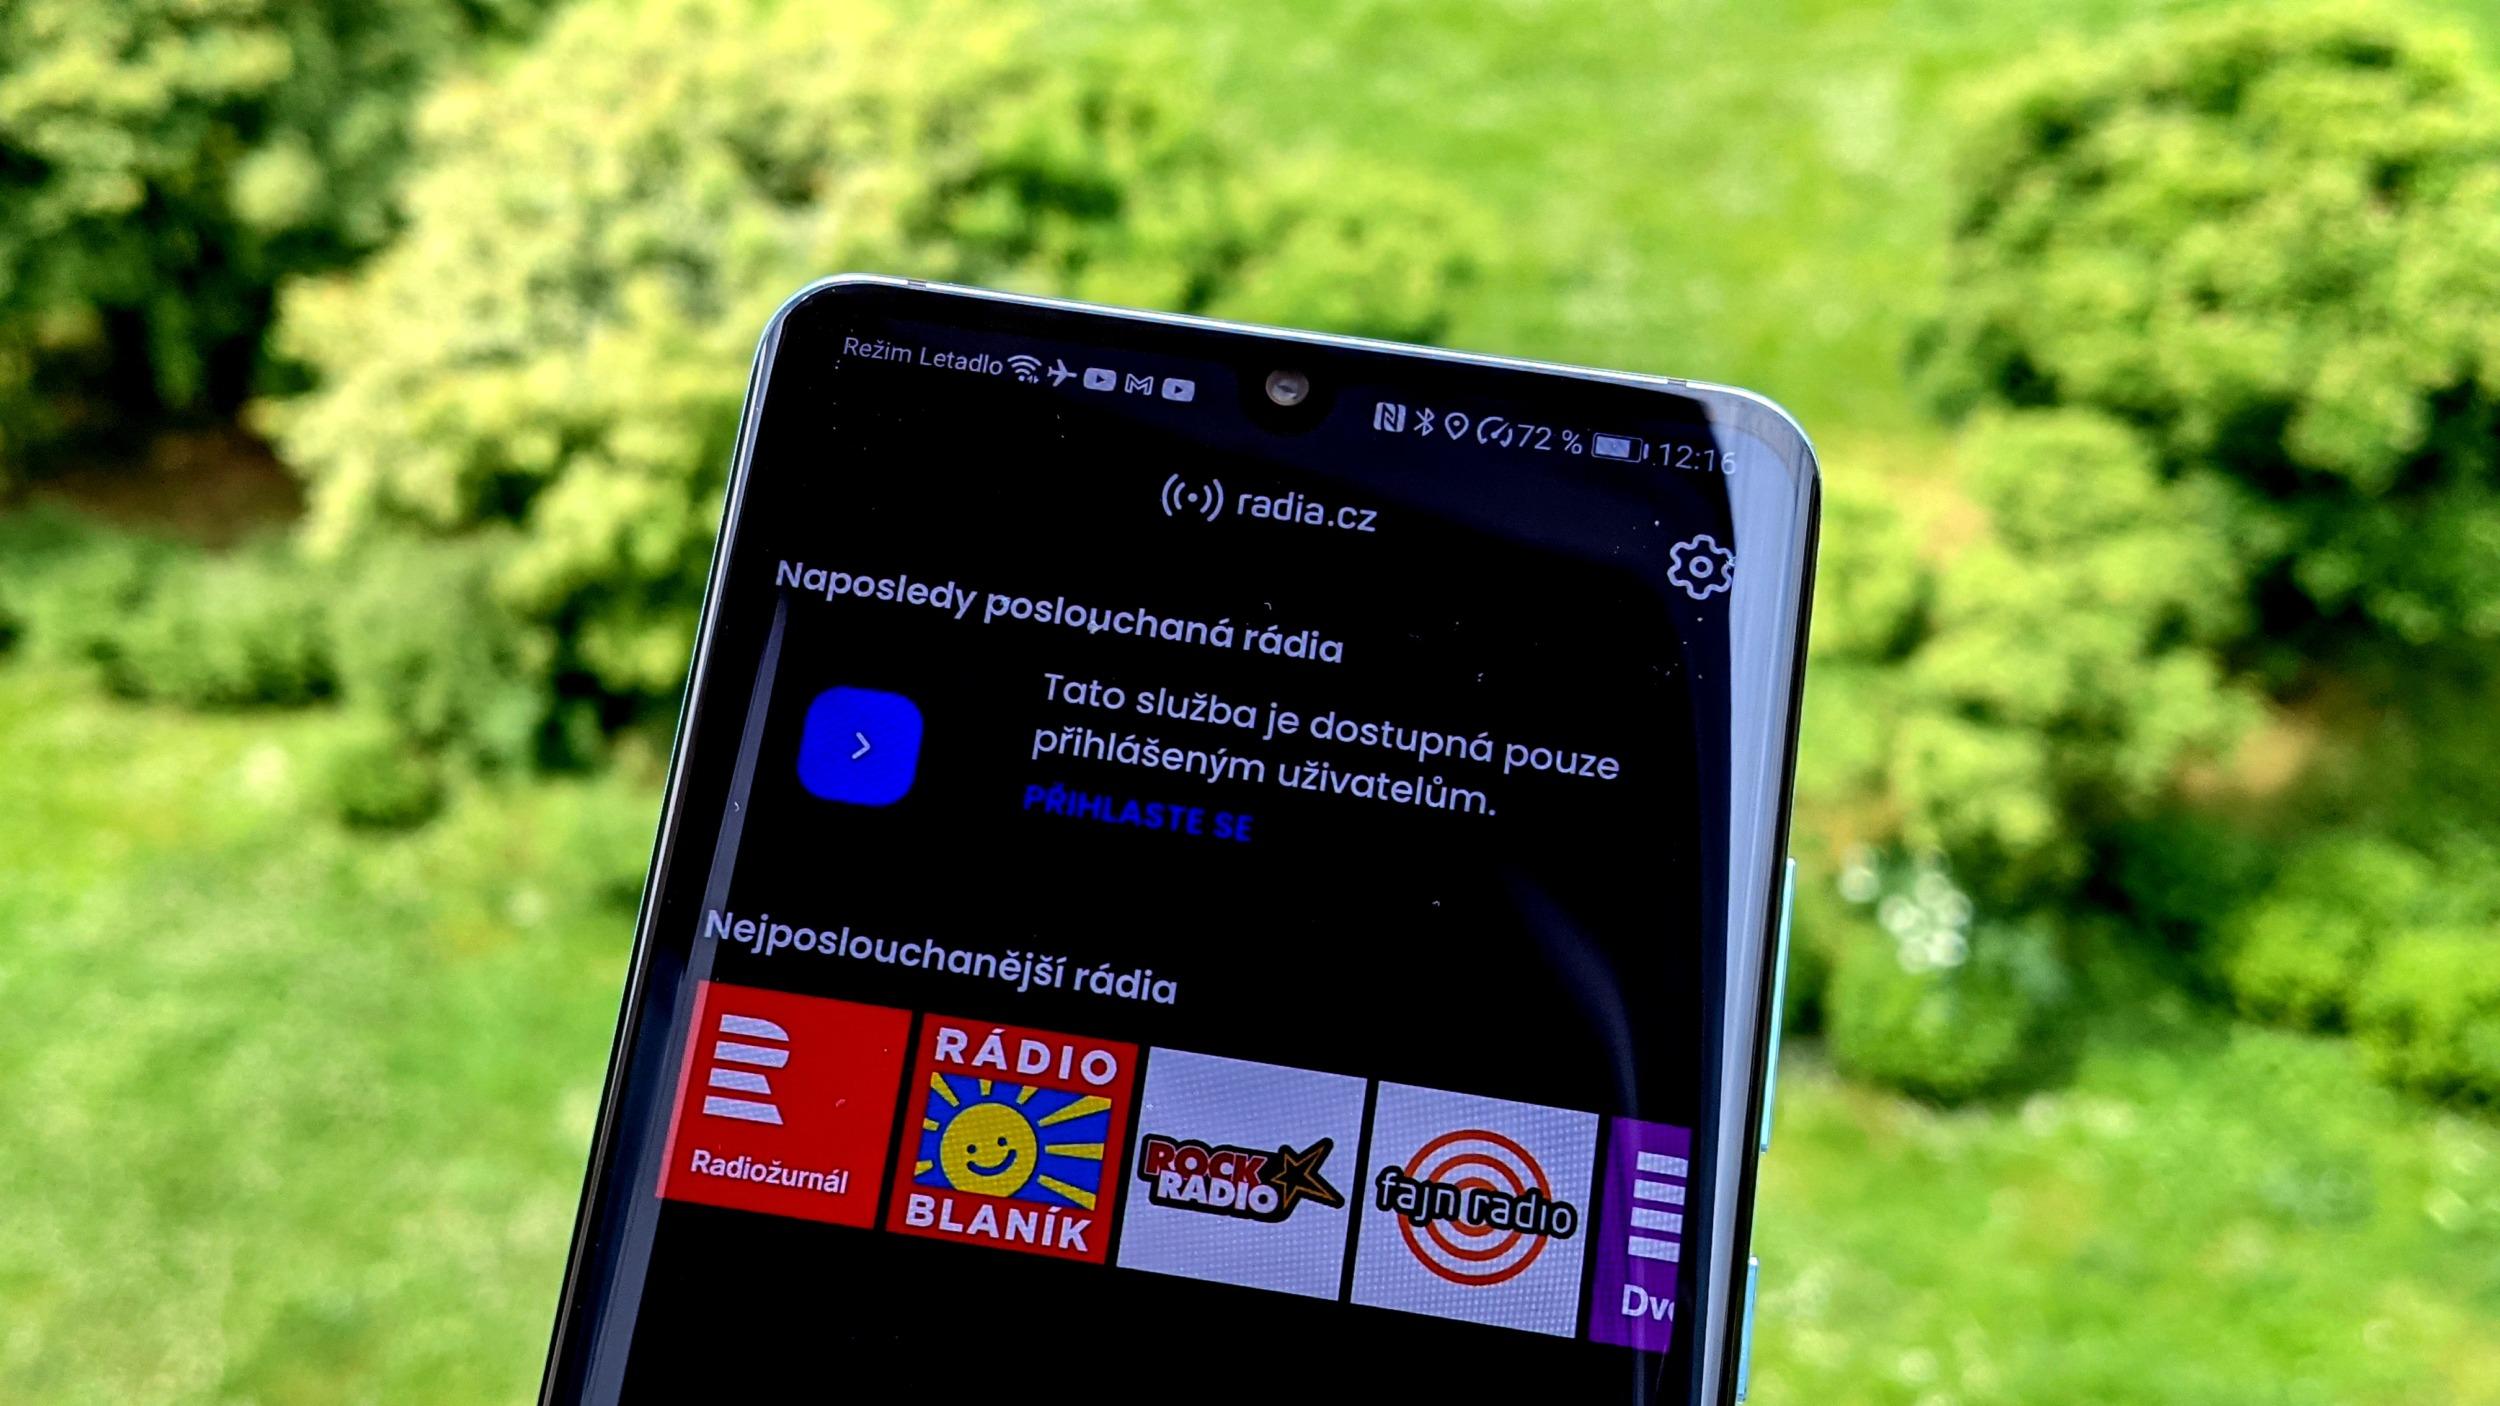 Nová verze aplikace Radia.cz spotřebovává jen polovinu dat